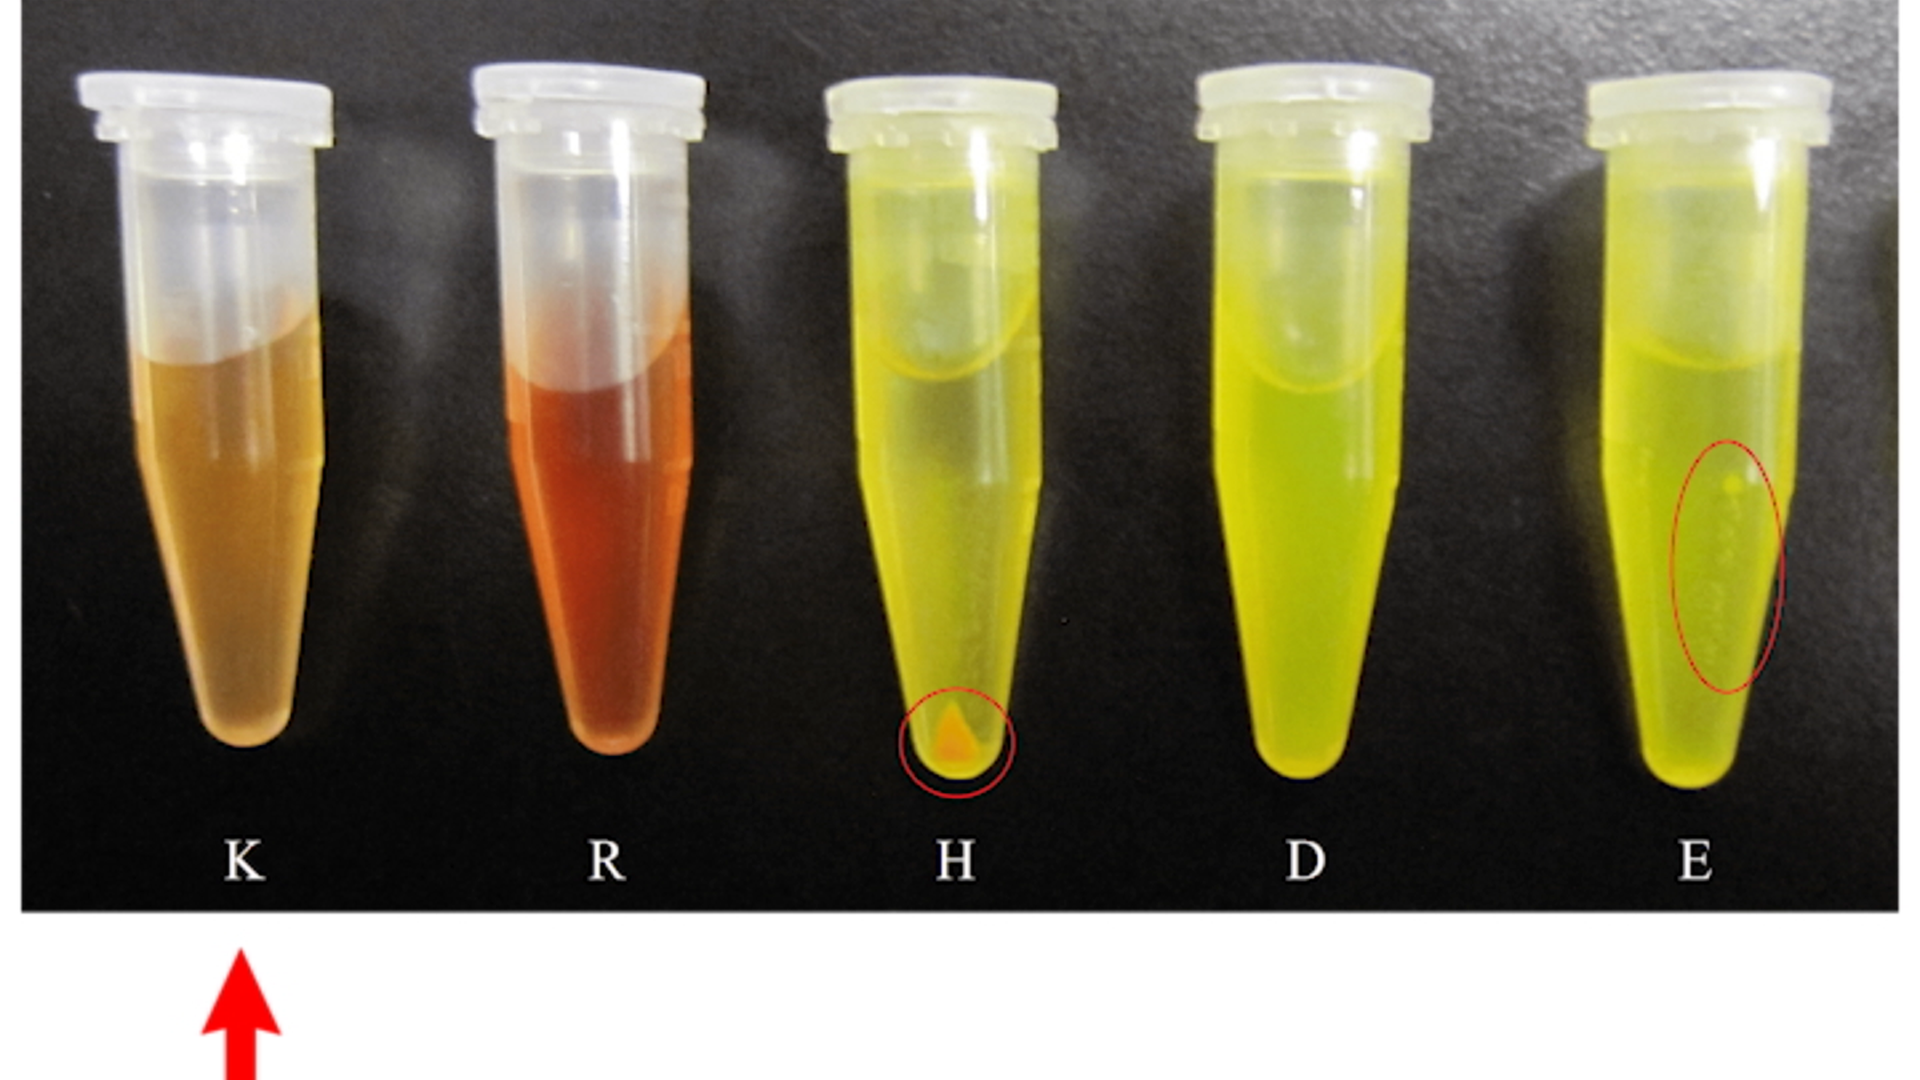 Solubilidad de compuestos hidrófobos en la solución acuosa mediante combinaciones de uno mismo-montaje de péptidos y aminoácidos thumbnail